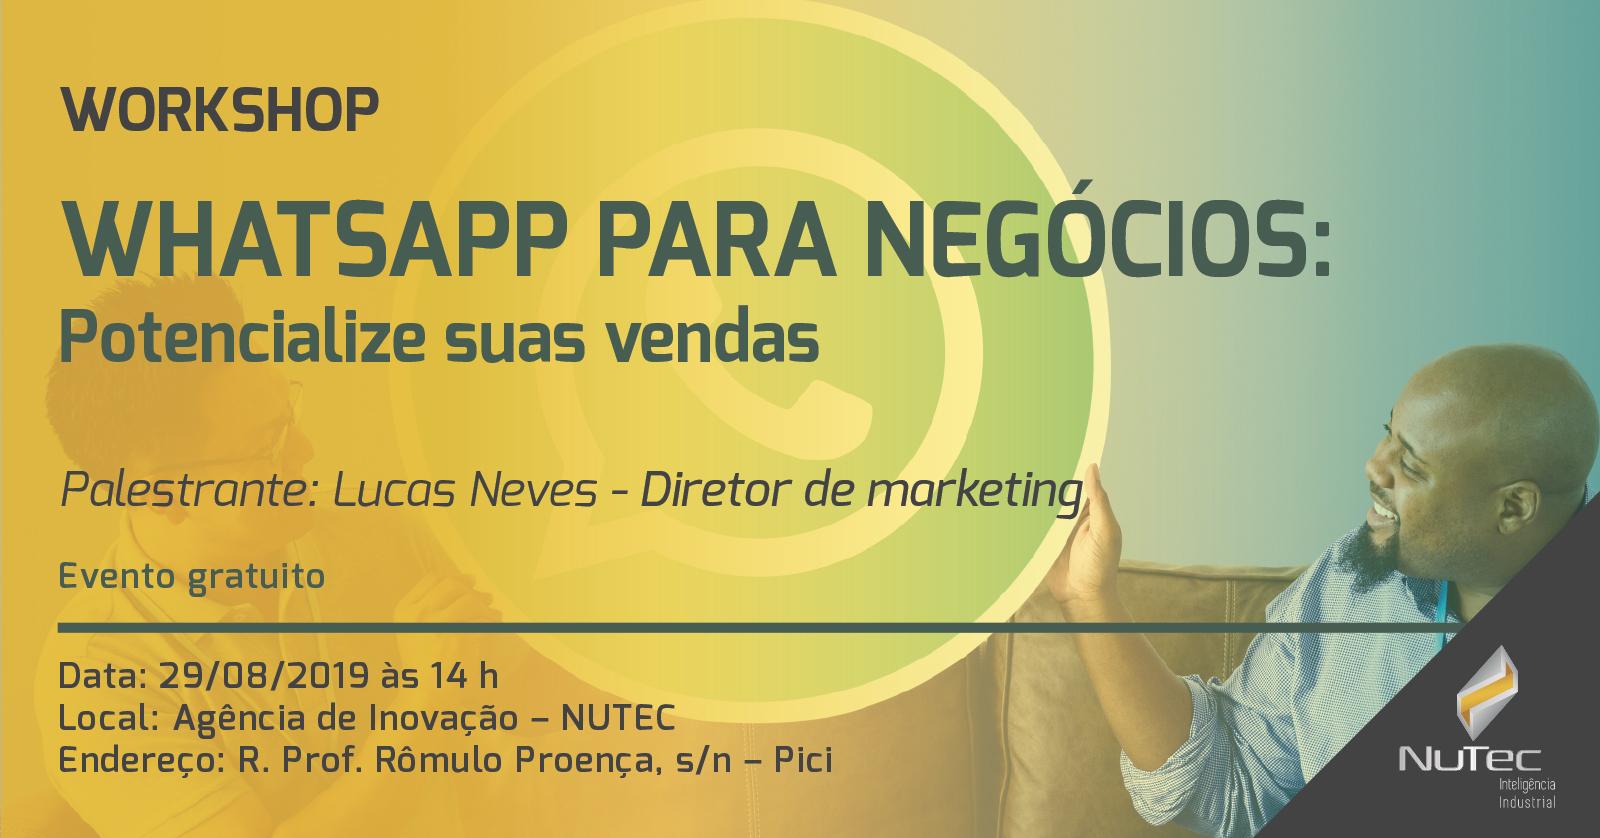 WhatsApp para Negócios: Potencializando Vendas